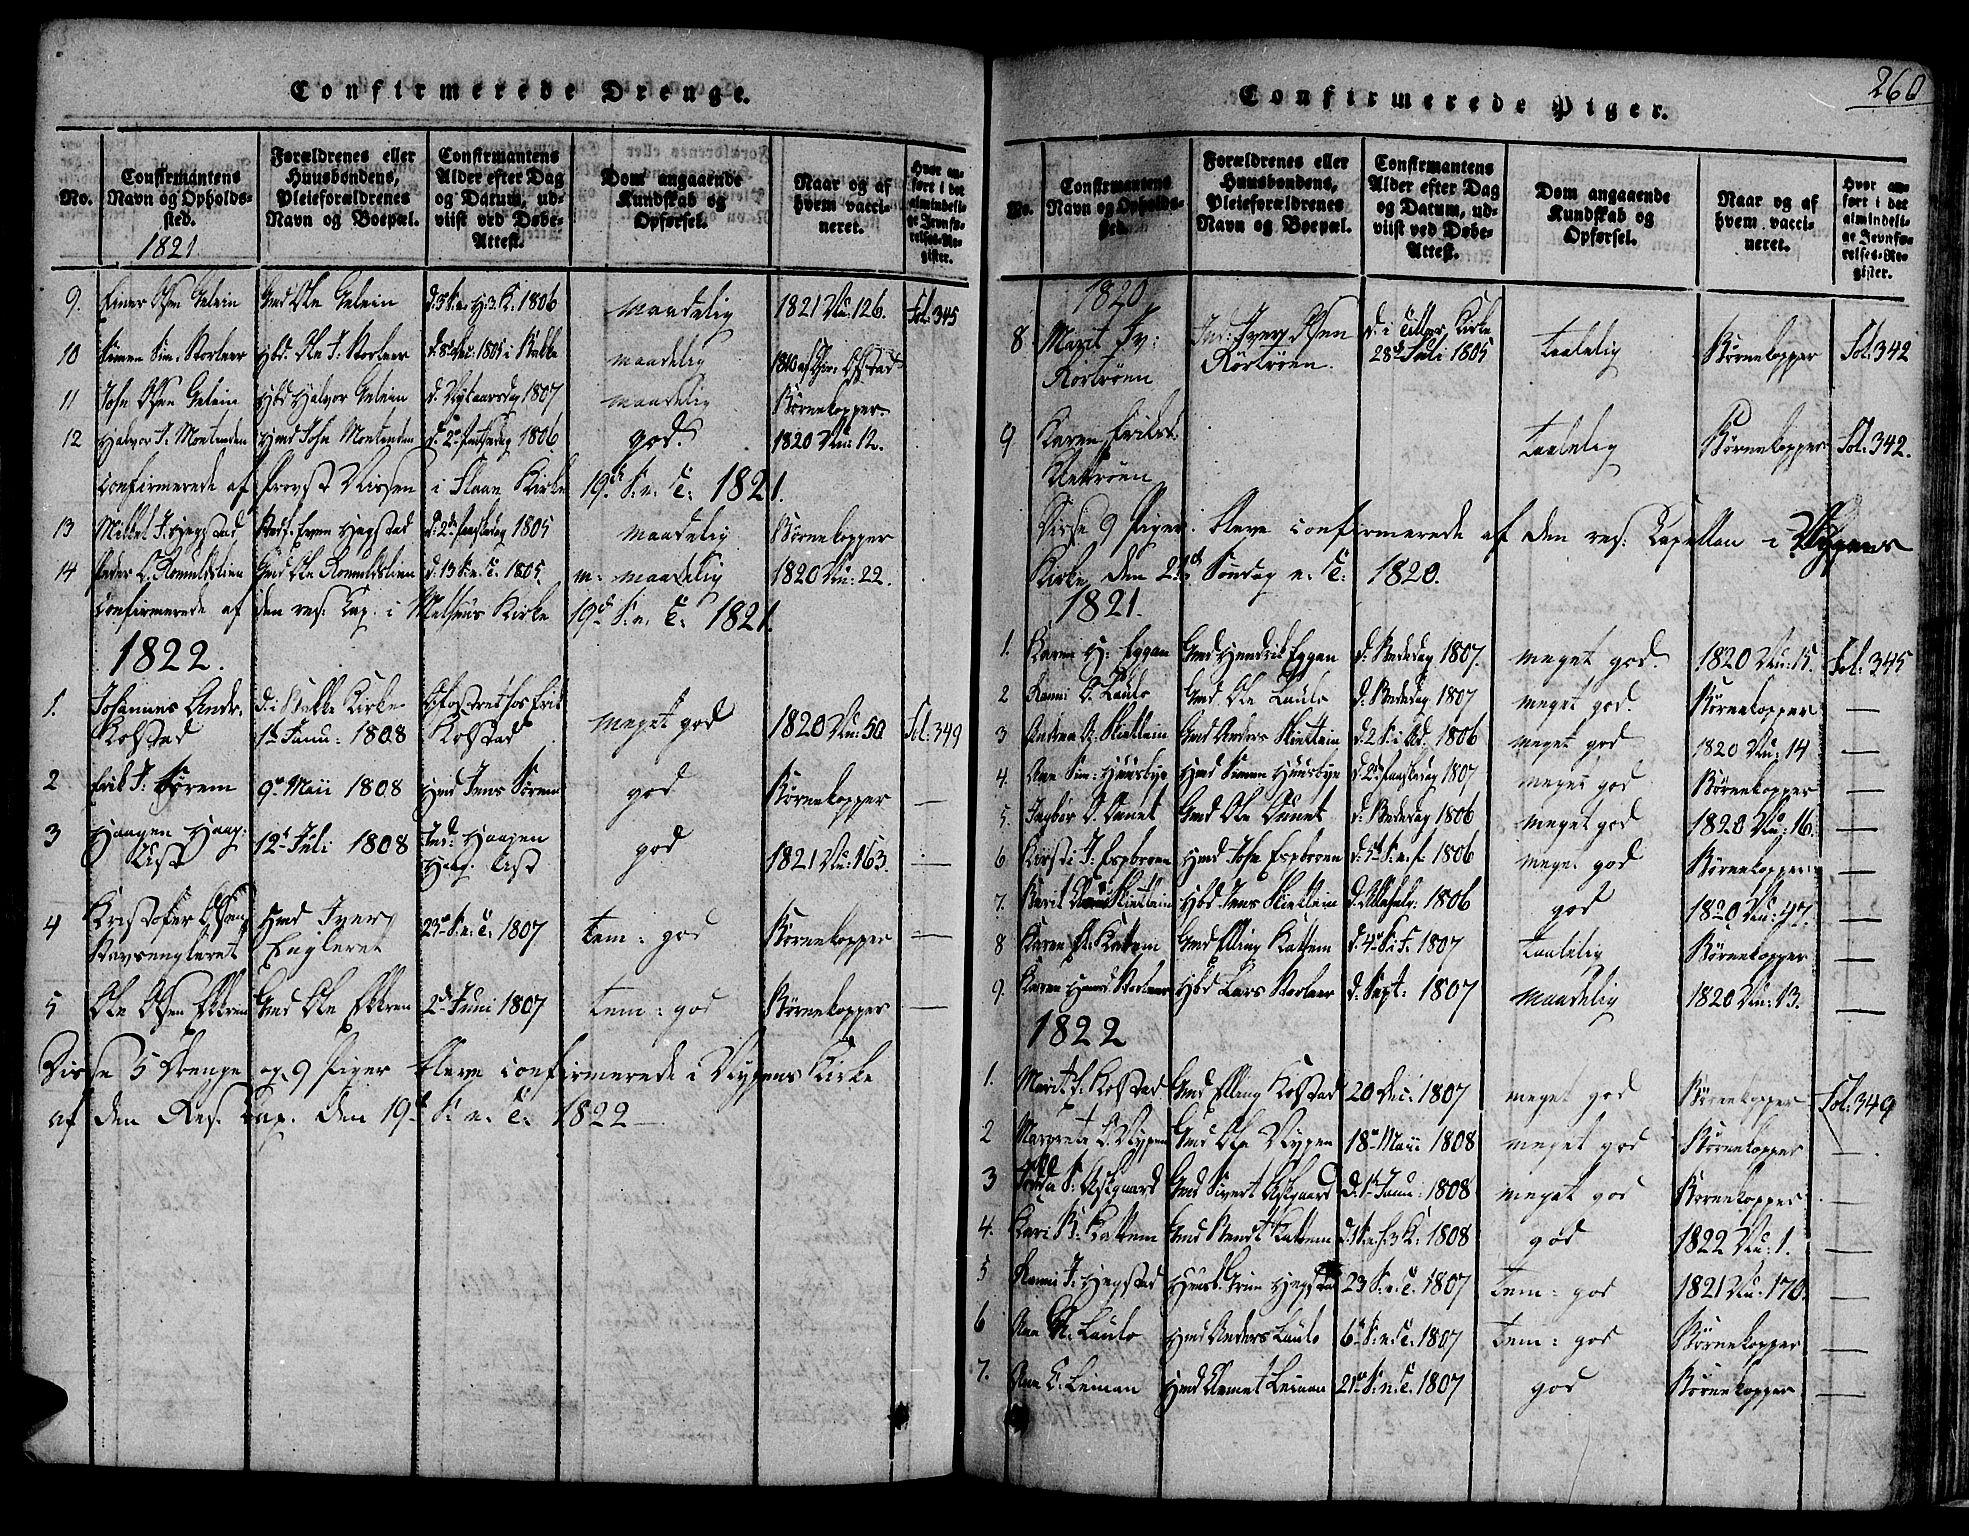 SAT, Ministerialprotokoller, klokkerbøker og fødselsregistre - Sør-Trøndelag, 691/L1067: Ministerialbok nr. 691A03 /3, 1816-1826, s. 260